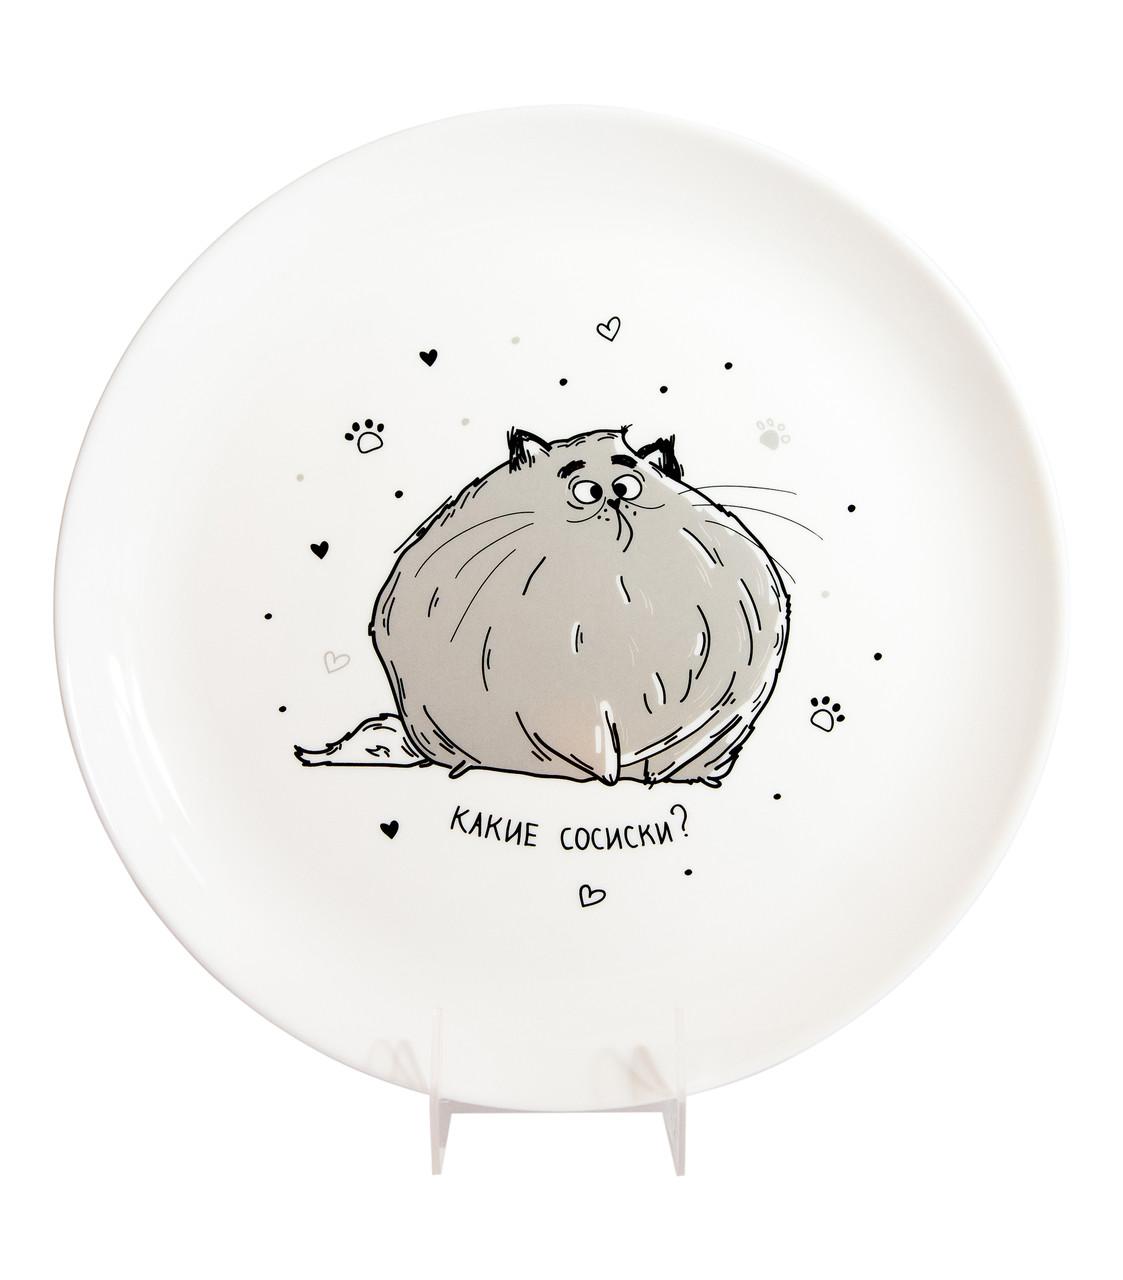 """Дизайнерская тарелка """"Какие сосиски"""" оригинальный подарок"""